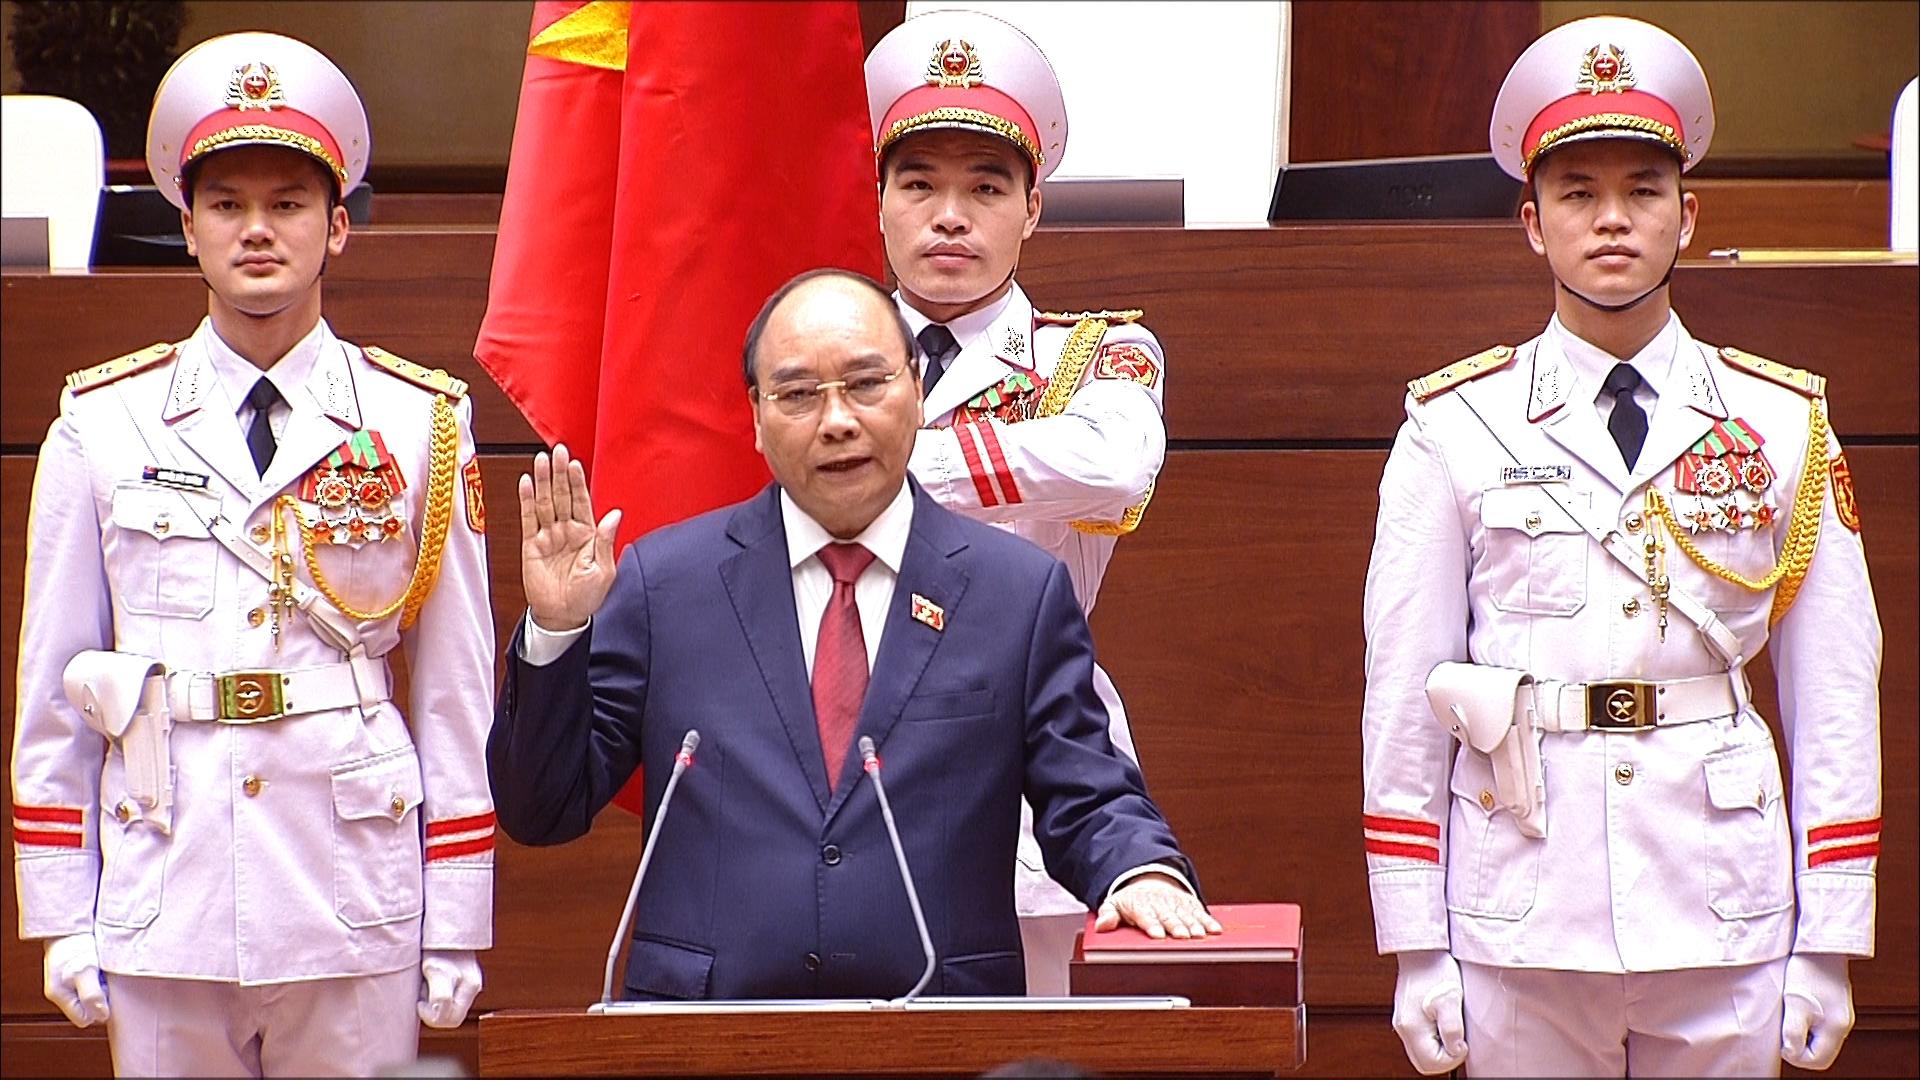 Chủ tịch nước thực hiện nghi thức tuyên thệ